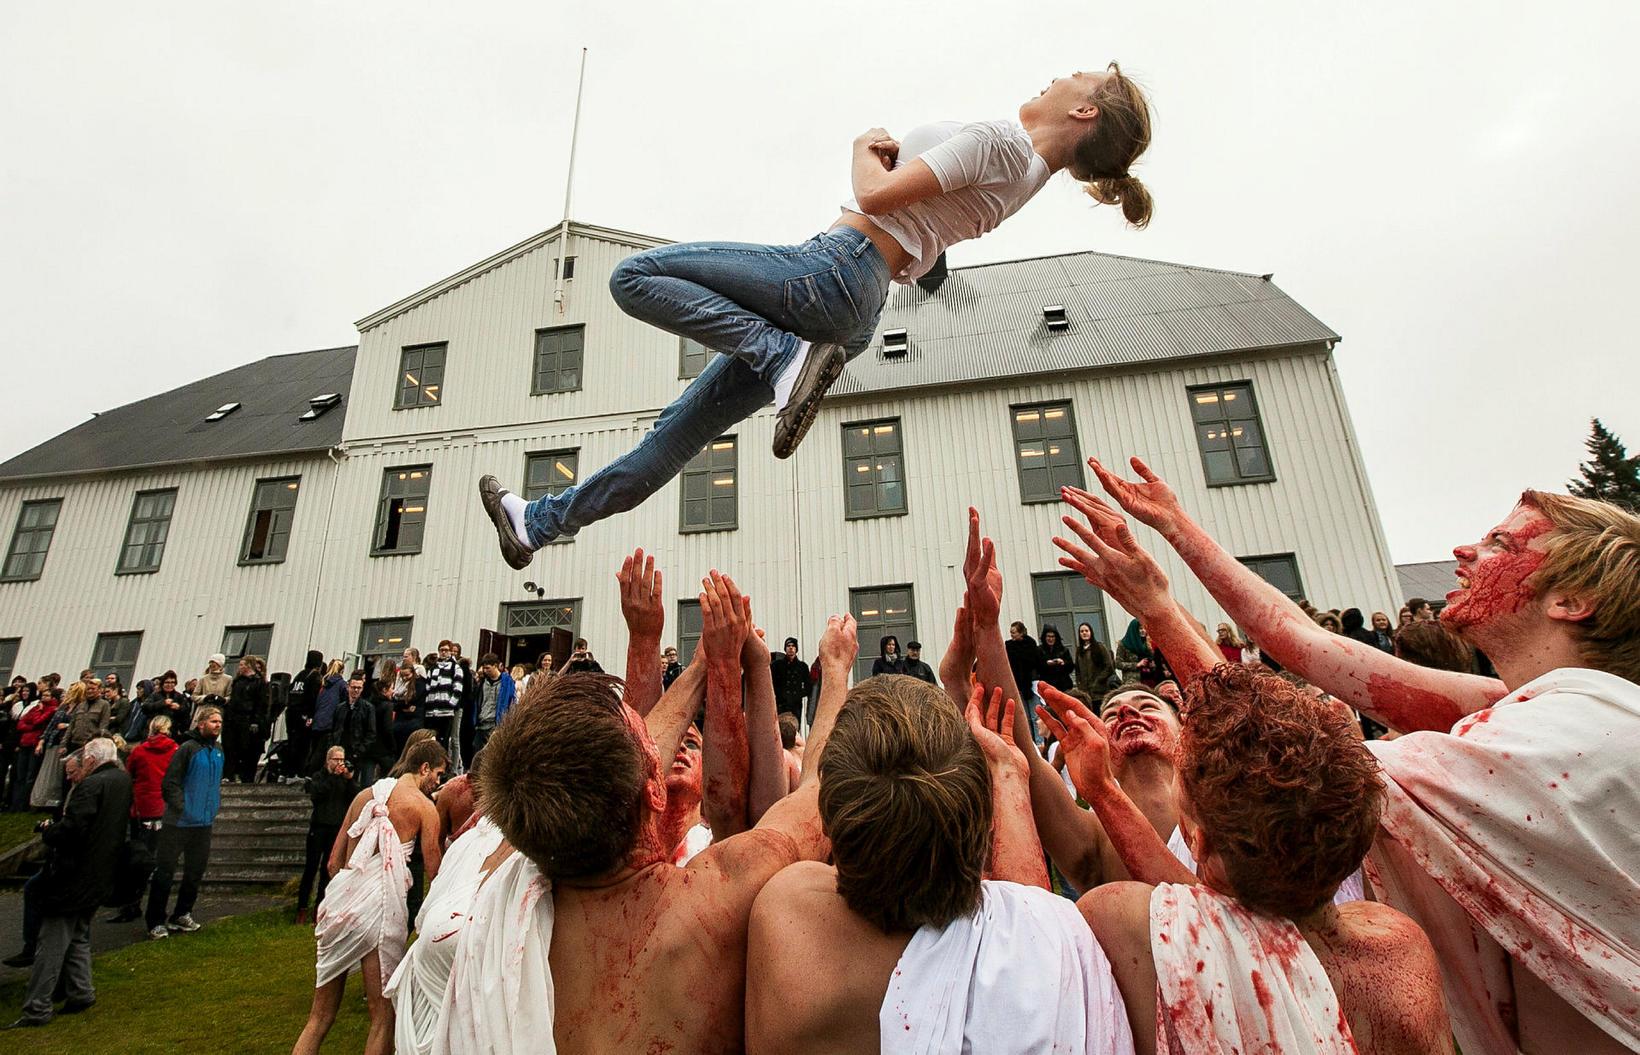 Allt að 1.500 nemendur mega sækja skólaviðburð samkvæmt nýju ákvæði …